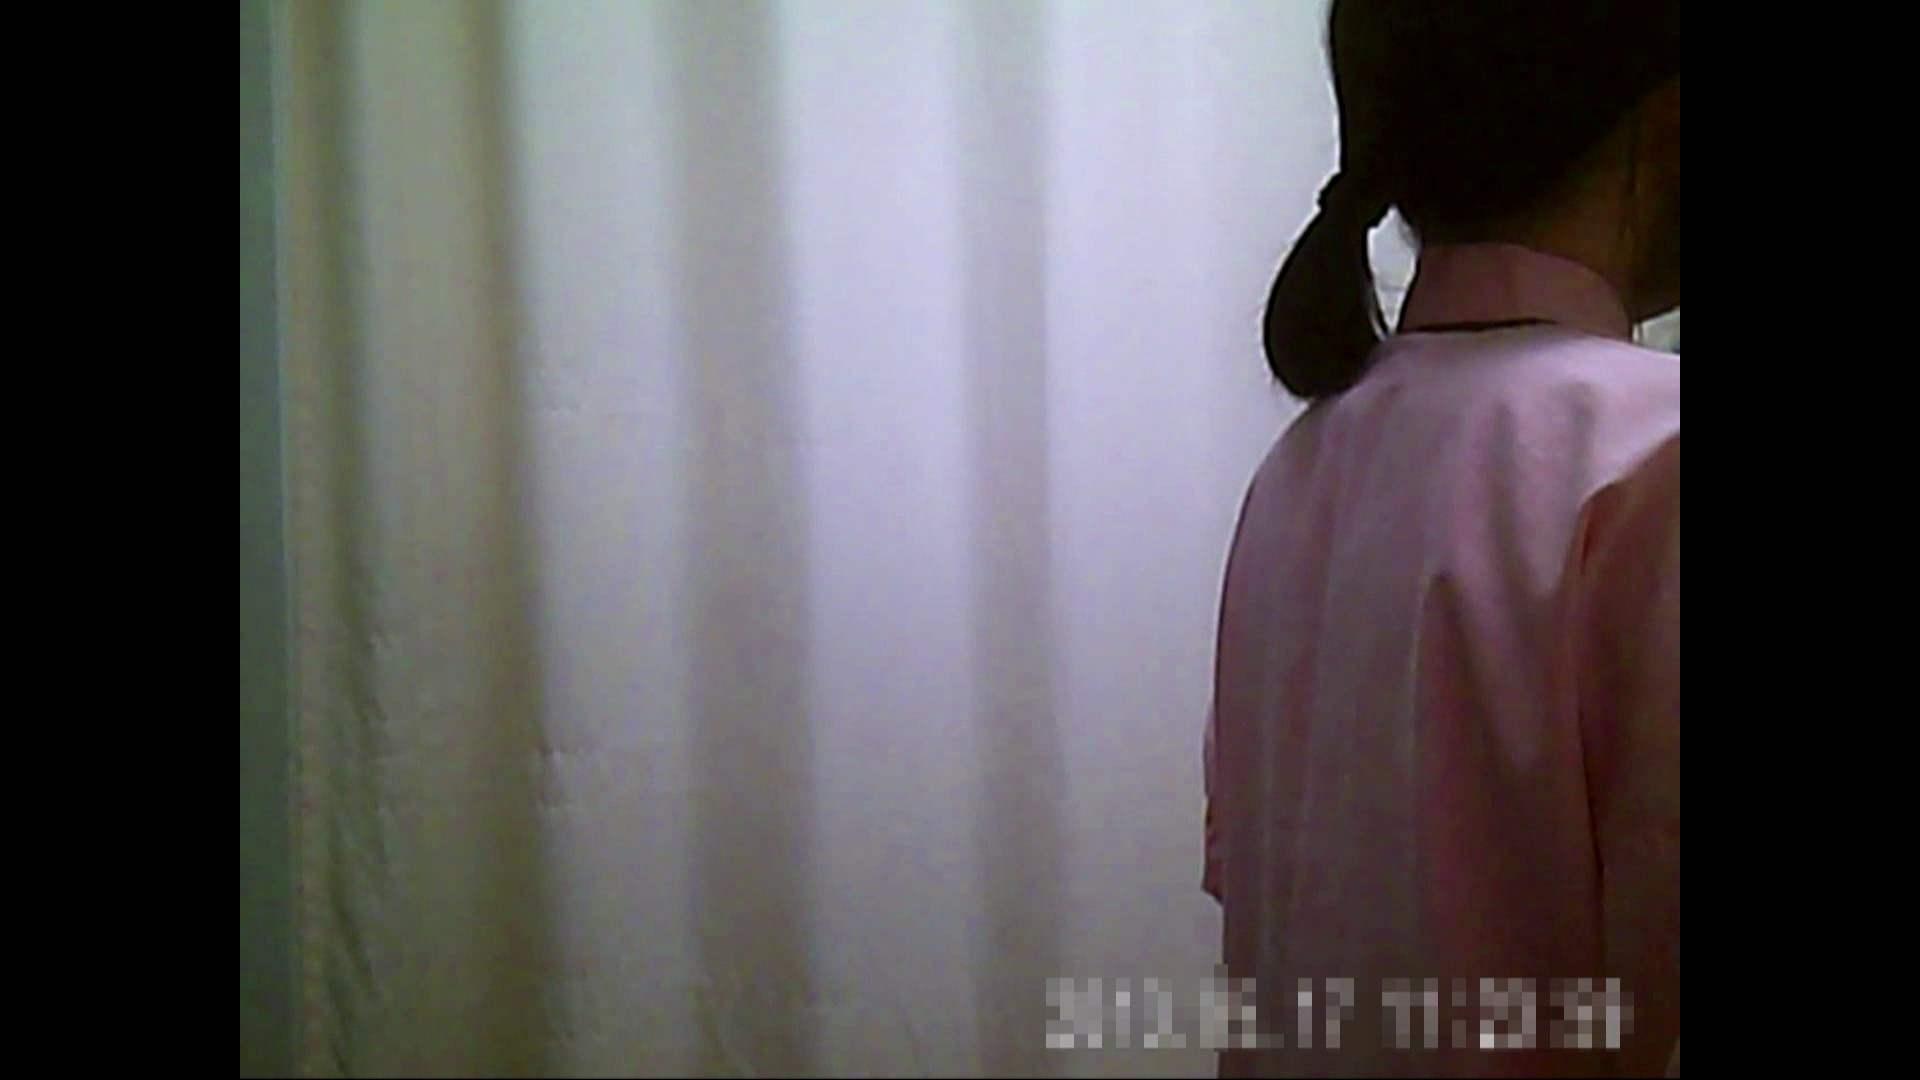 元医者による反抗 更衣室地獄絵巻 vol.048 OL女体  88連発 76